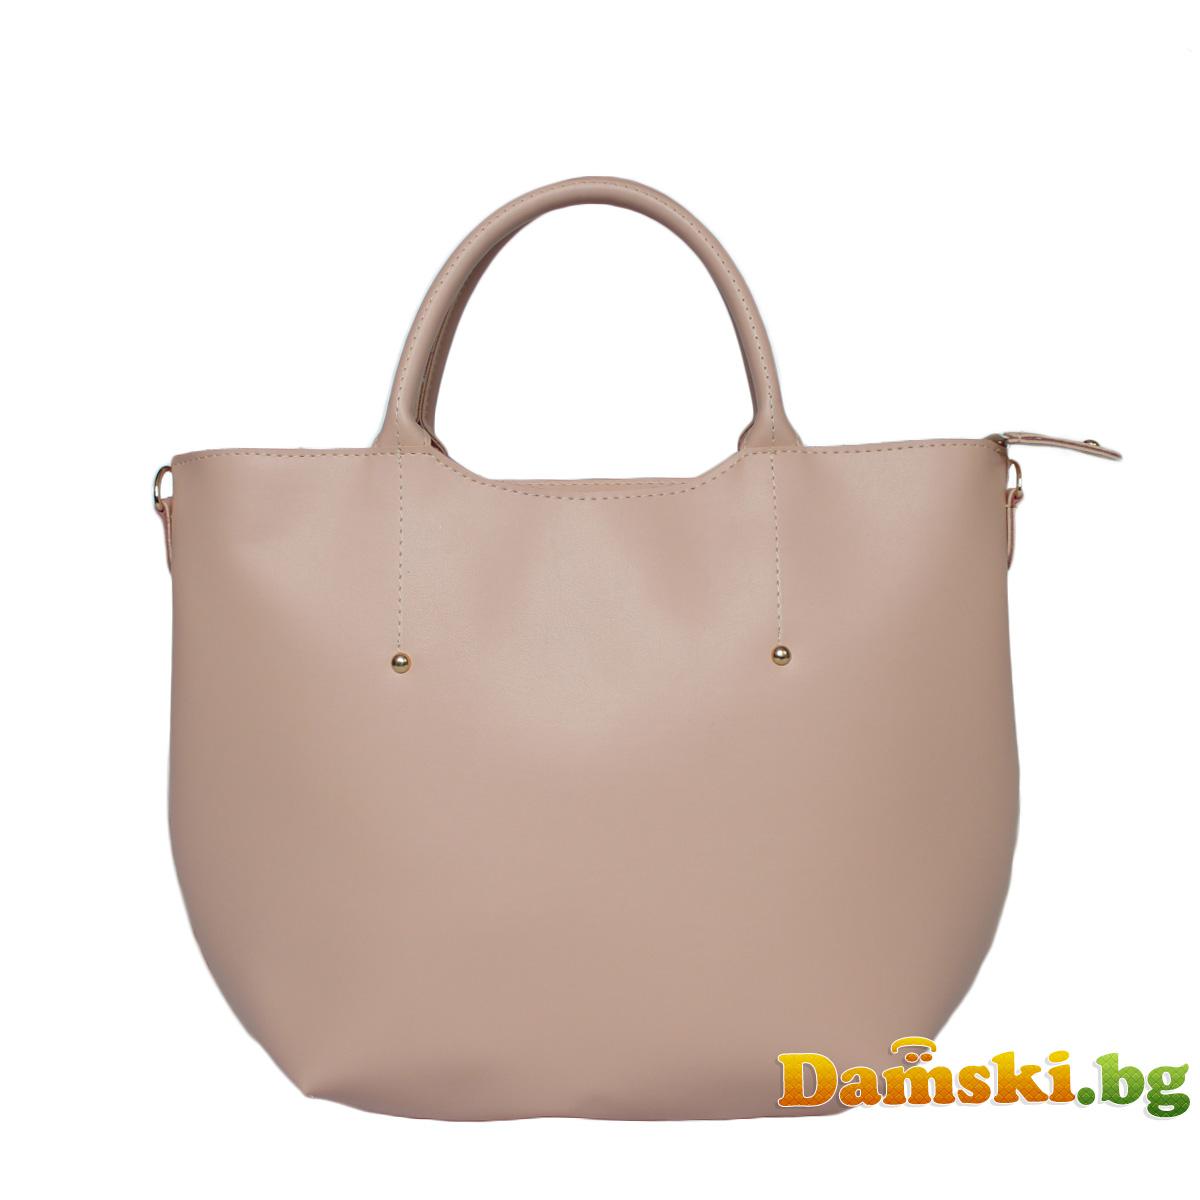 Елегантна розова дамска чанта Ина Снимка 2 от 3